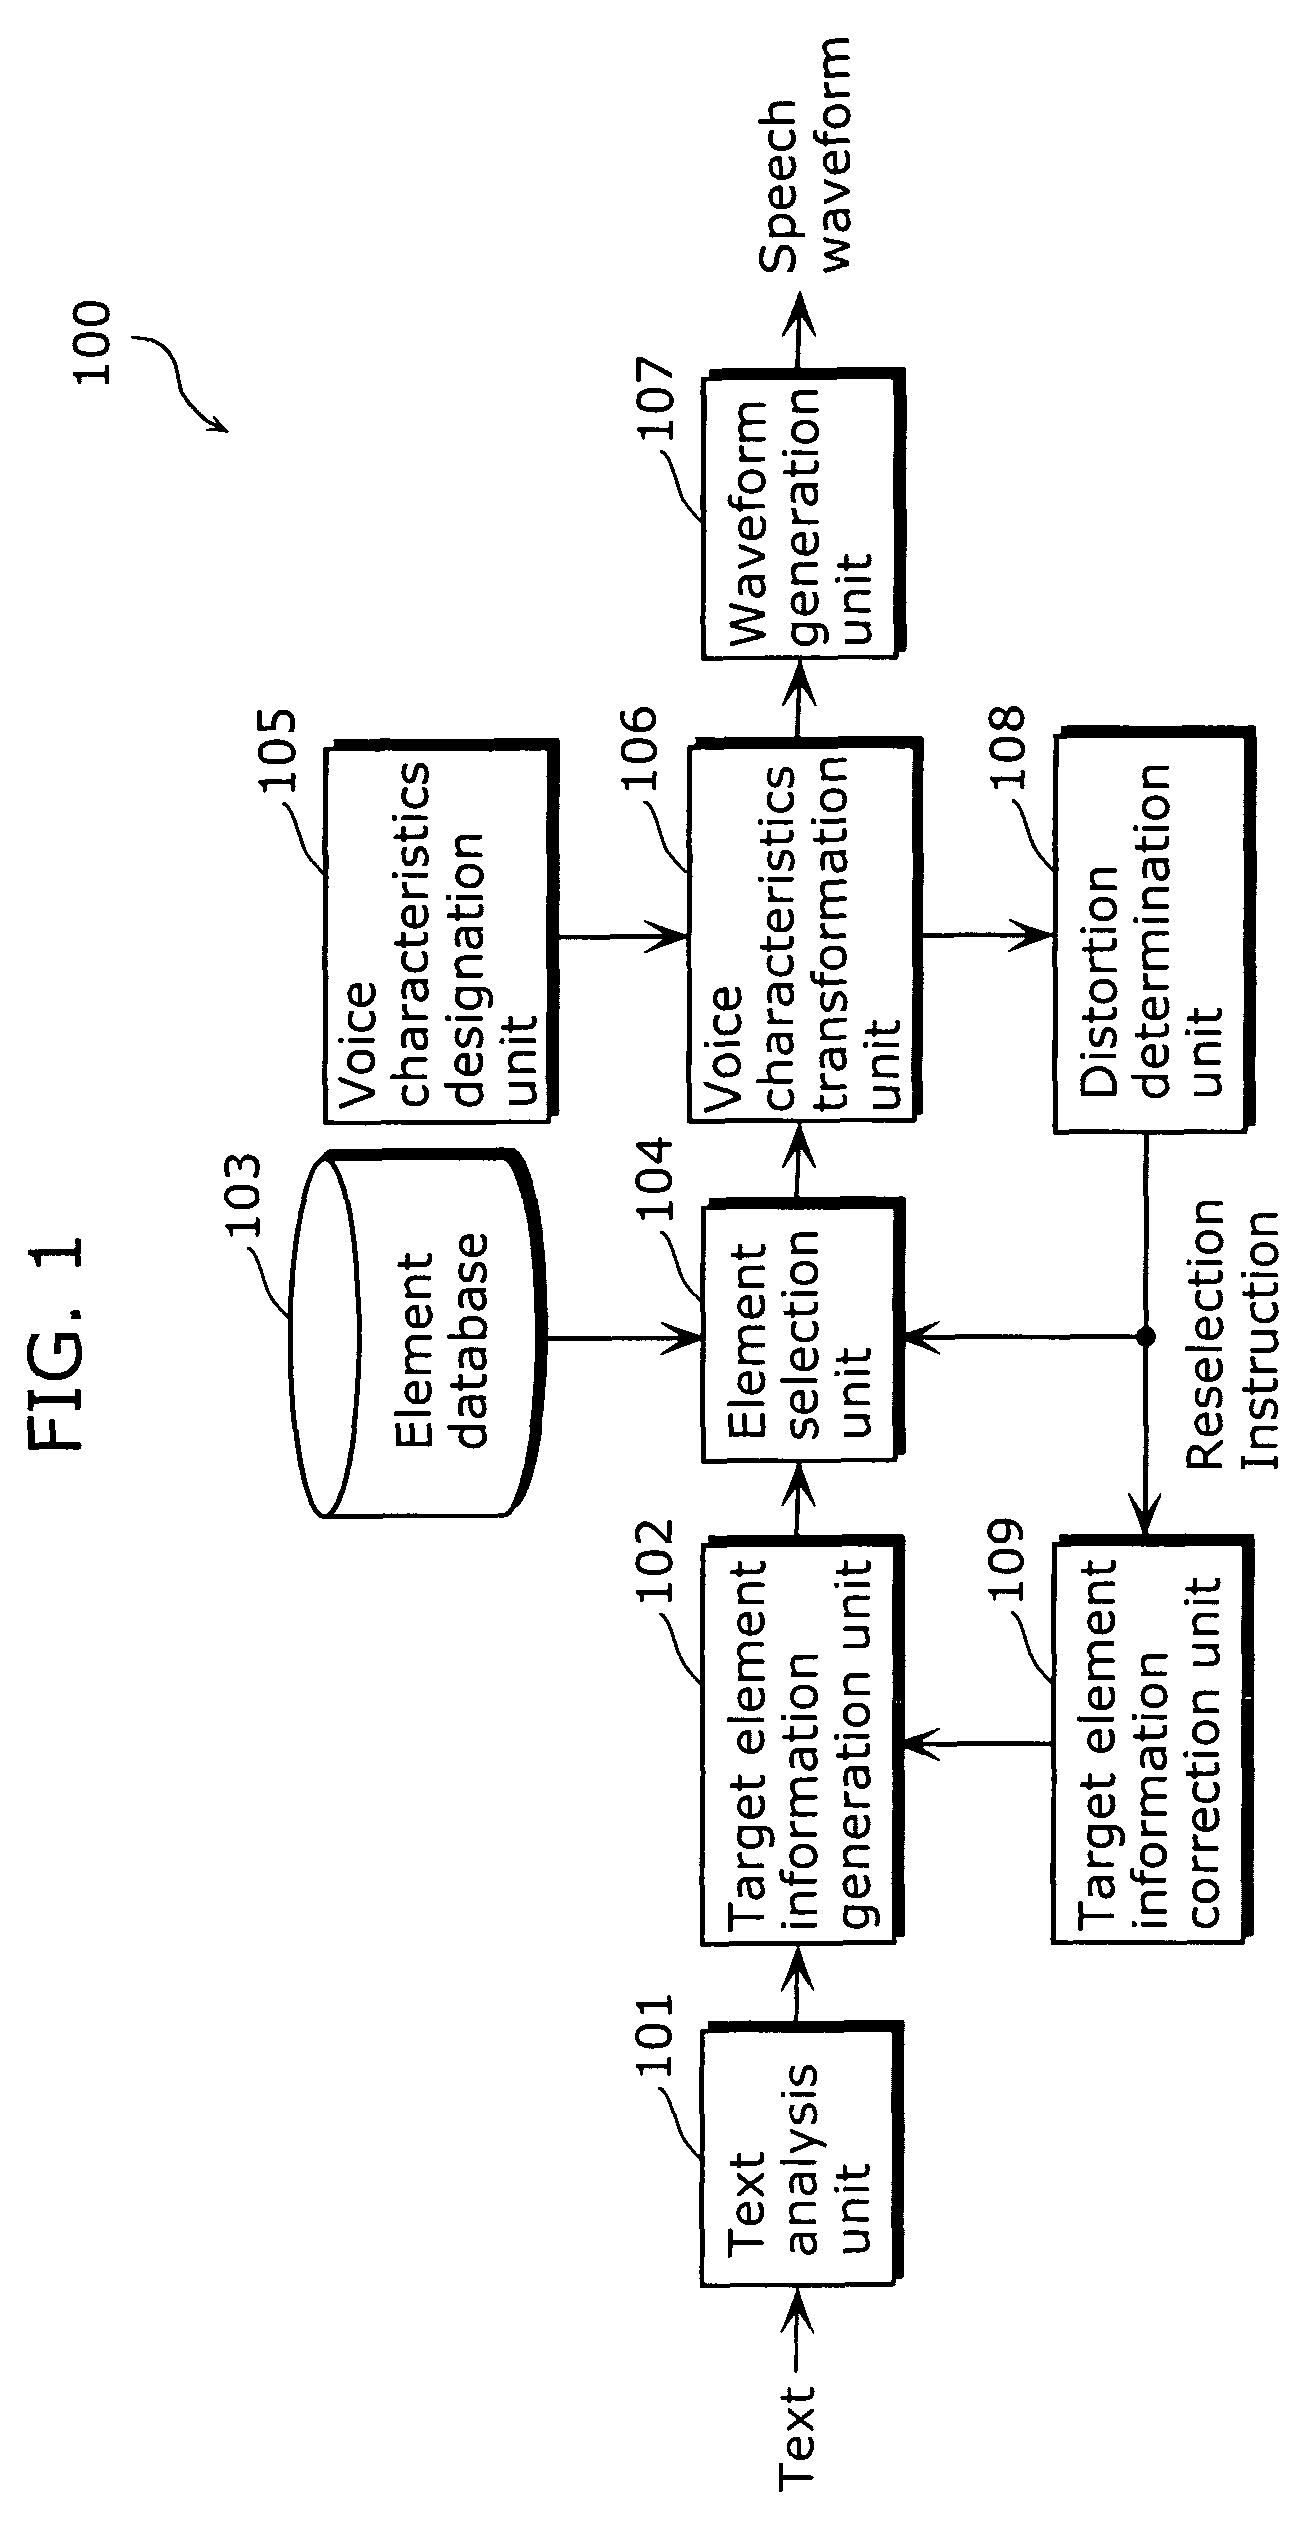 Patent US7912719